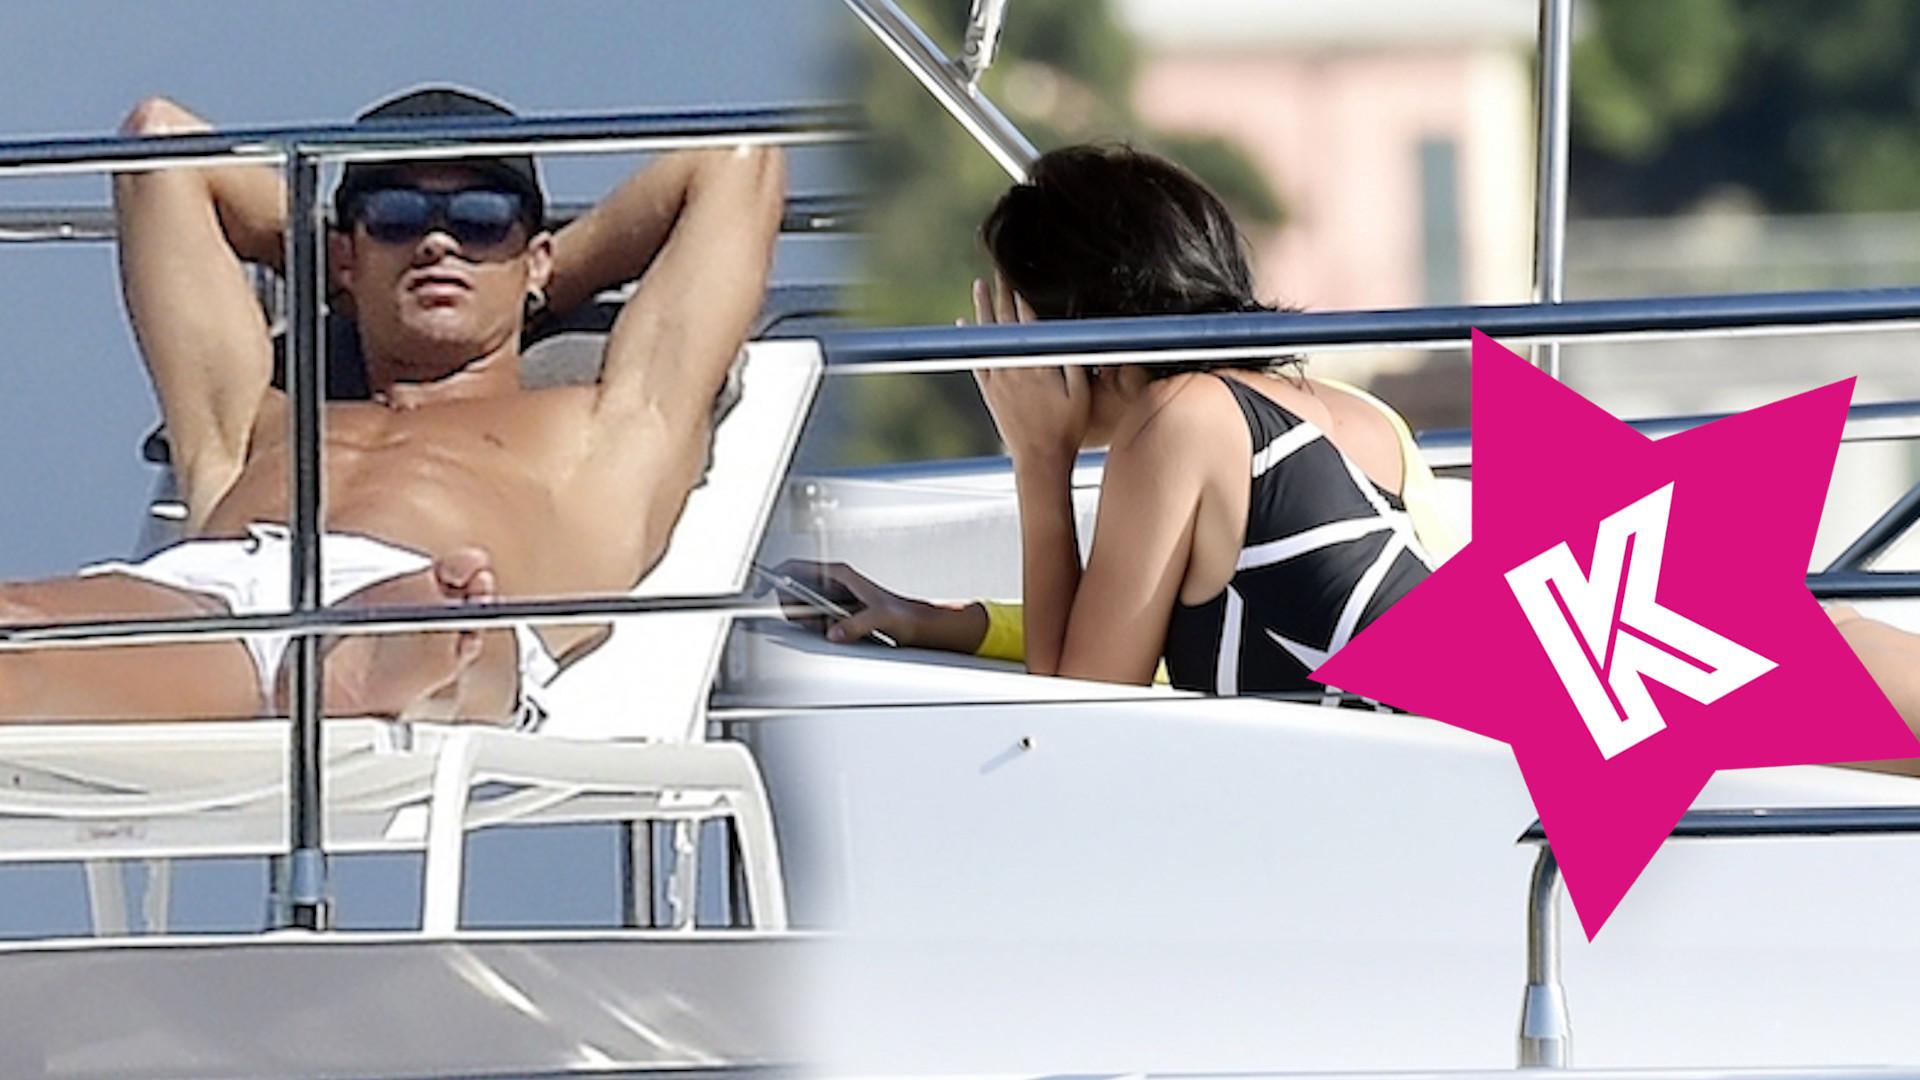 Cristiano Ronaldo z narzeczoną przyłapany na jachcie. Georgina Rodriguez bez makijażu i stroju kąpielowym